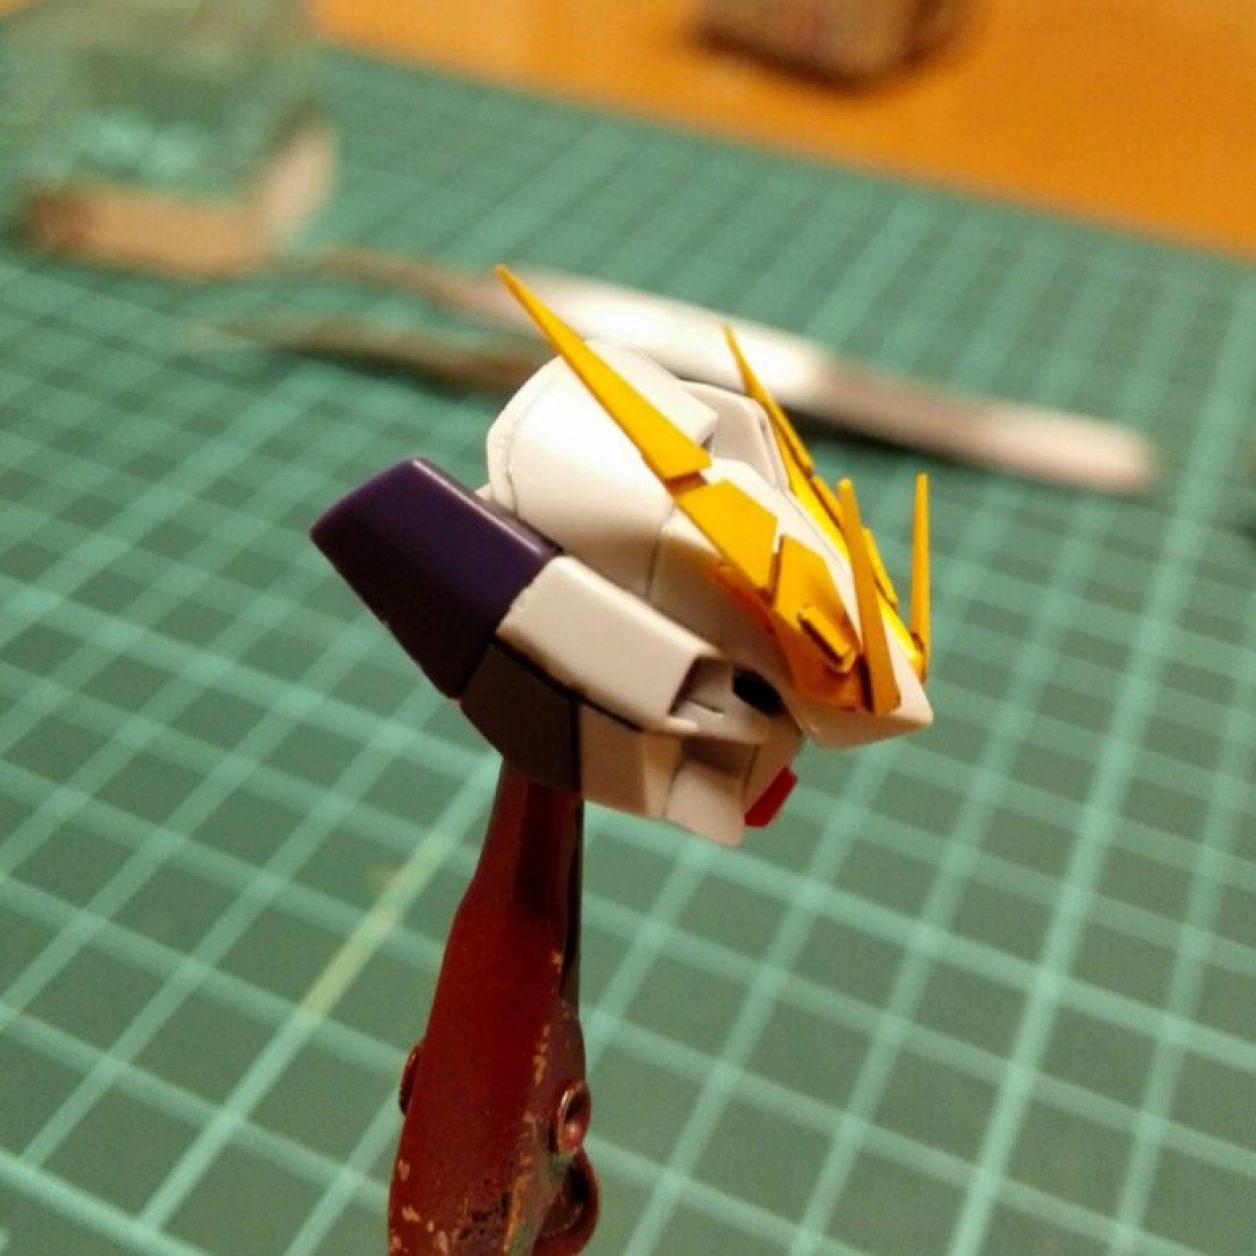 HGUC ガンダムTR-6[ウーンドウォート]の頭部ユニットをディテールアップして、改造したアンテナにスミ入れしてエナメル溶剤で拭きとって整えた画像